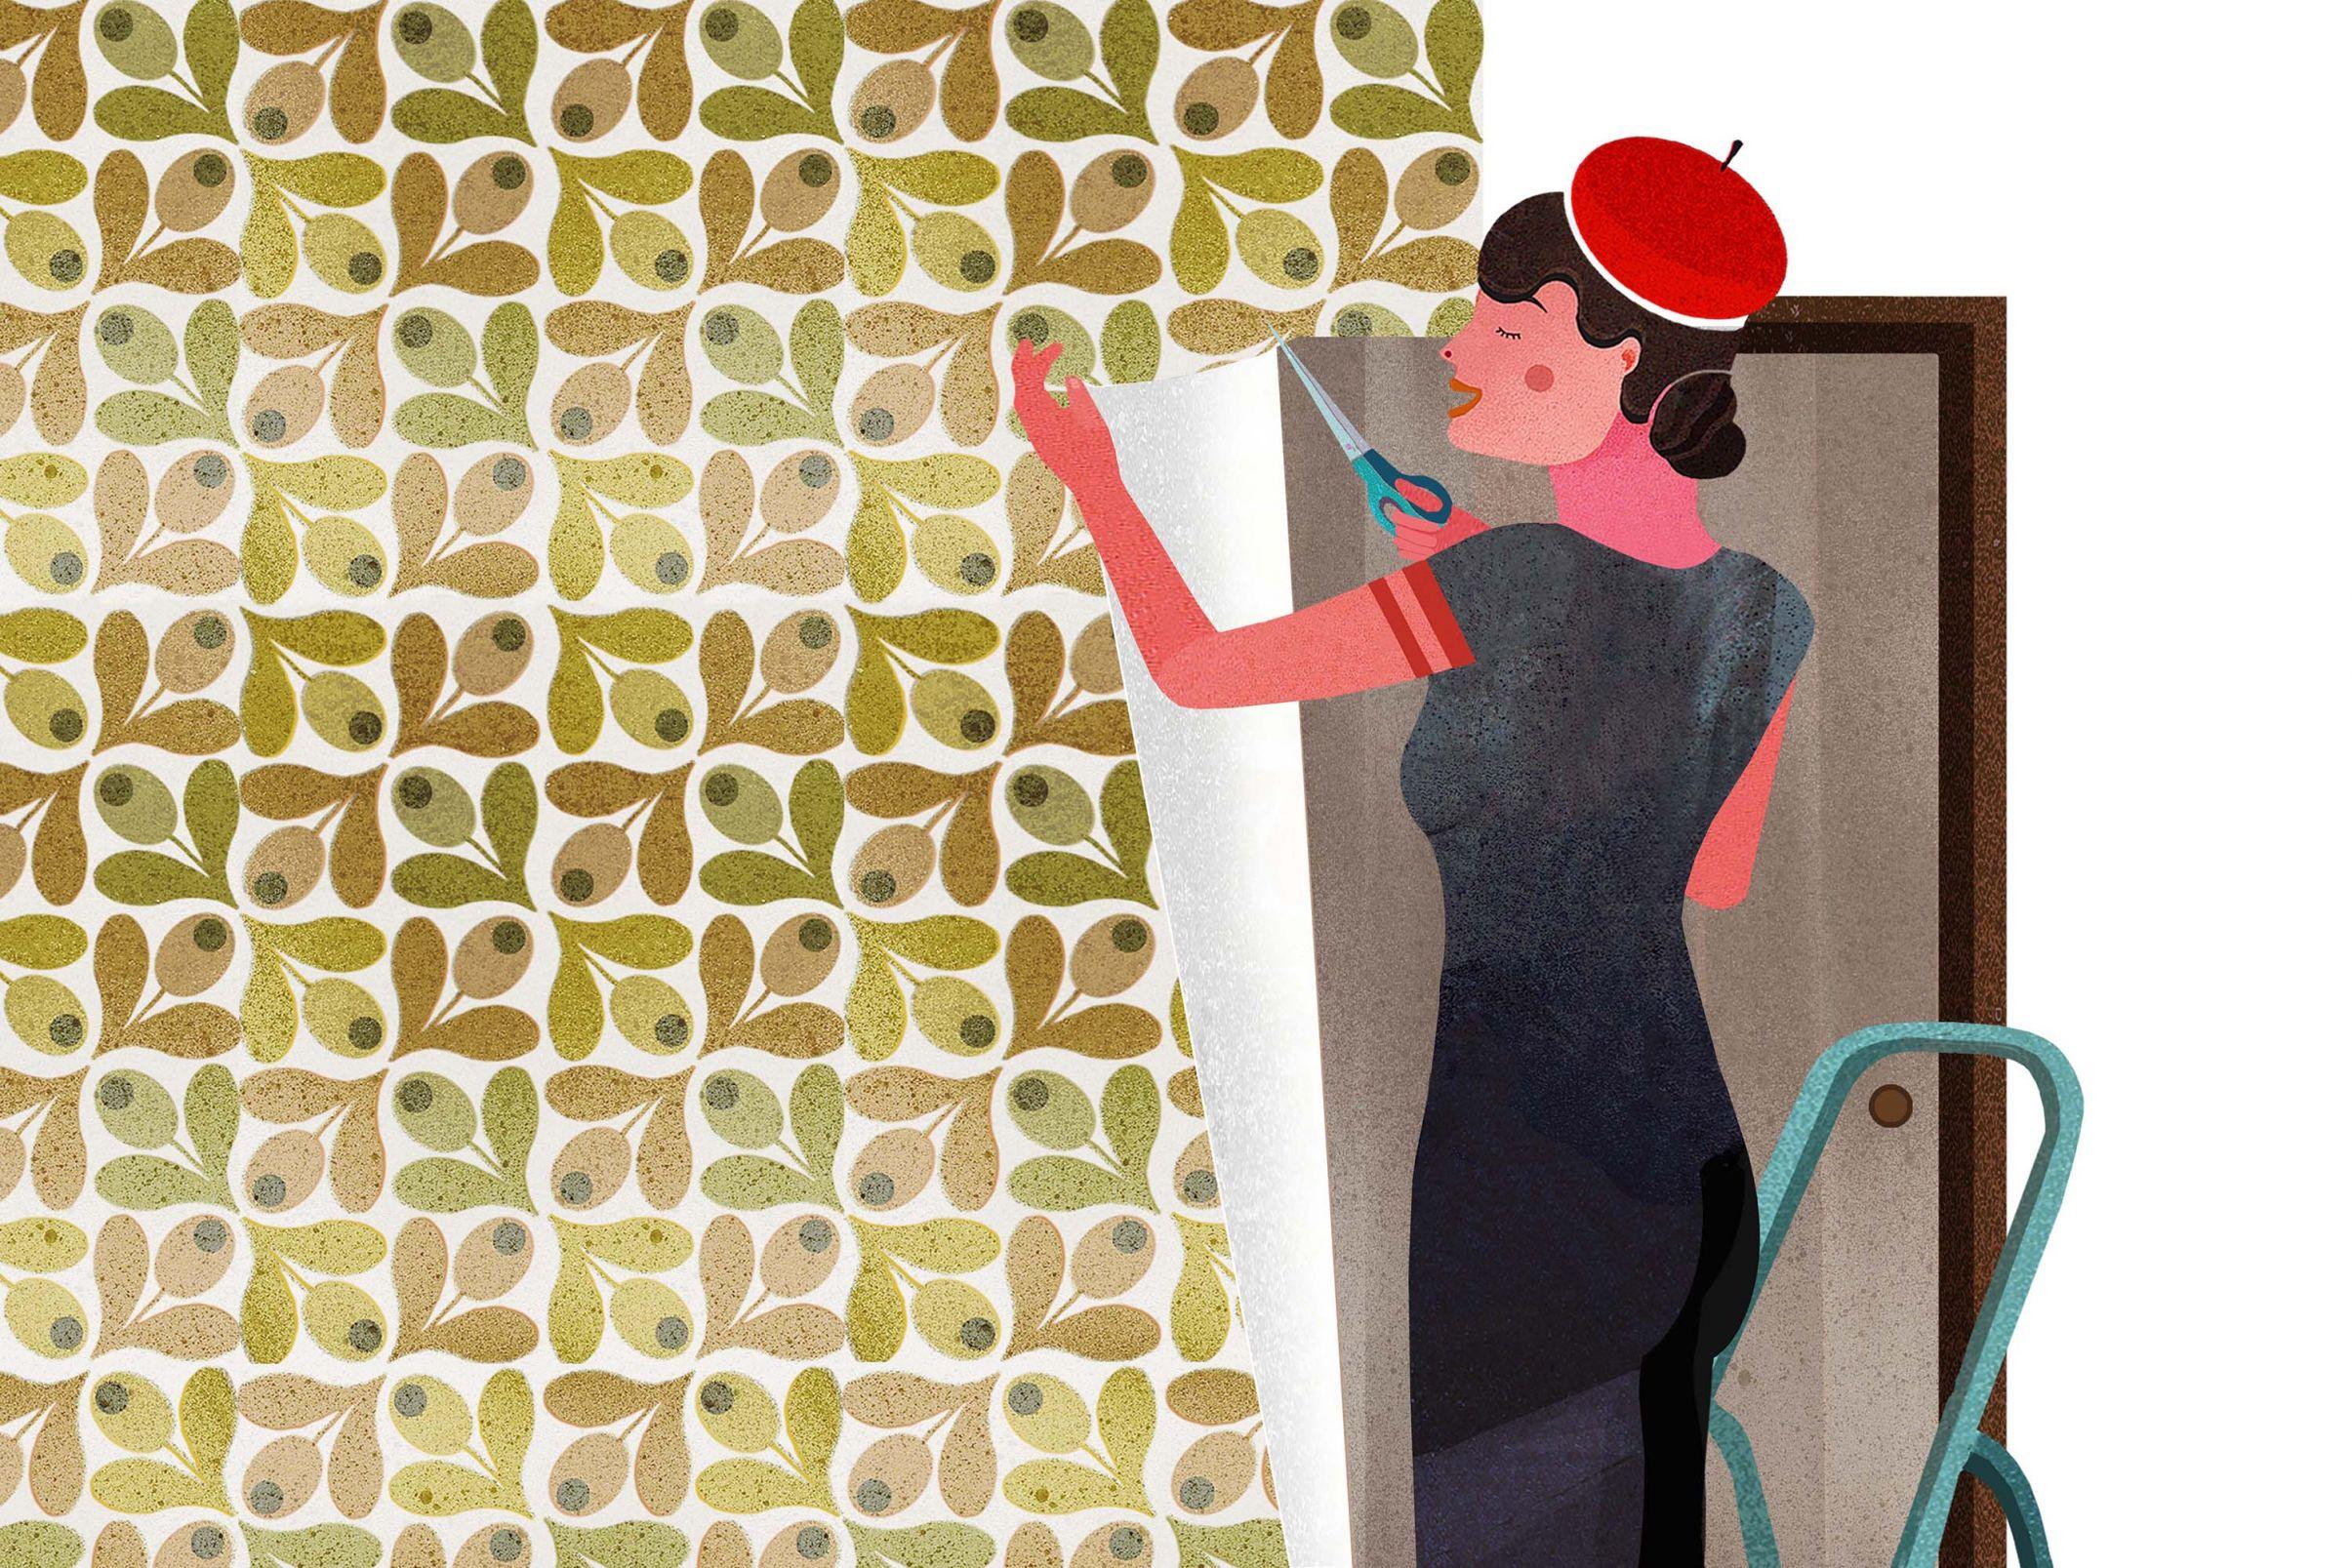 Come-posare-la-carta-da-parati-attorno-a-porte-e-finestre-Posare-carta-da-parati-con-un-eccedenza-attorno-alla-porta